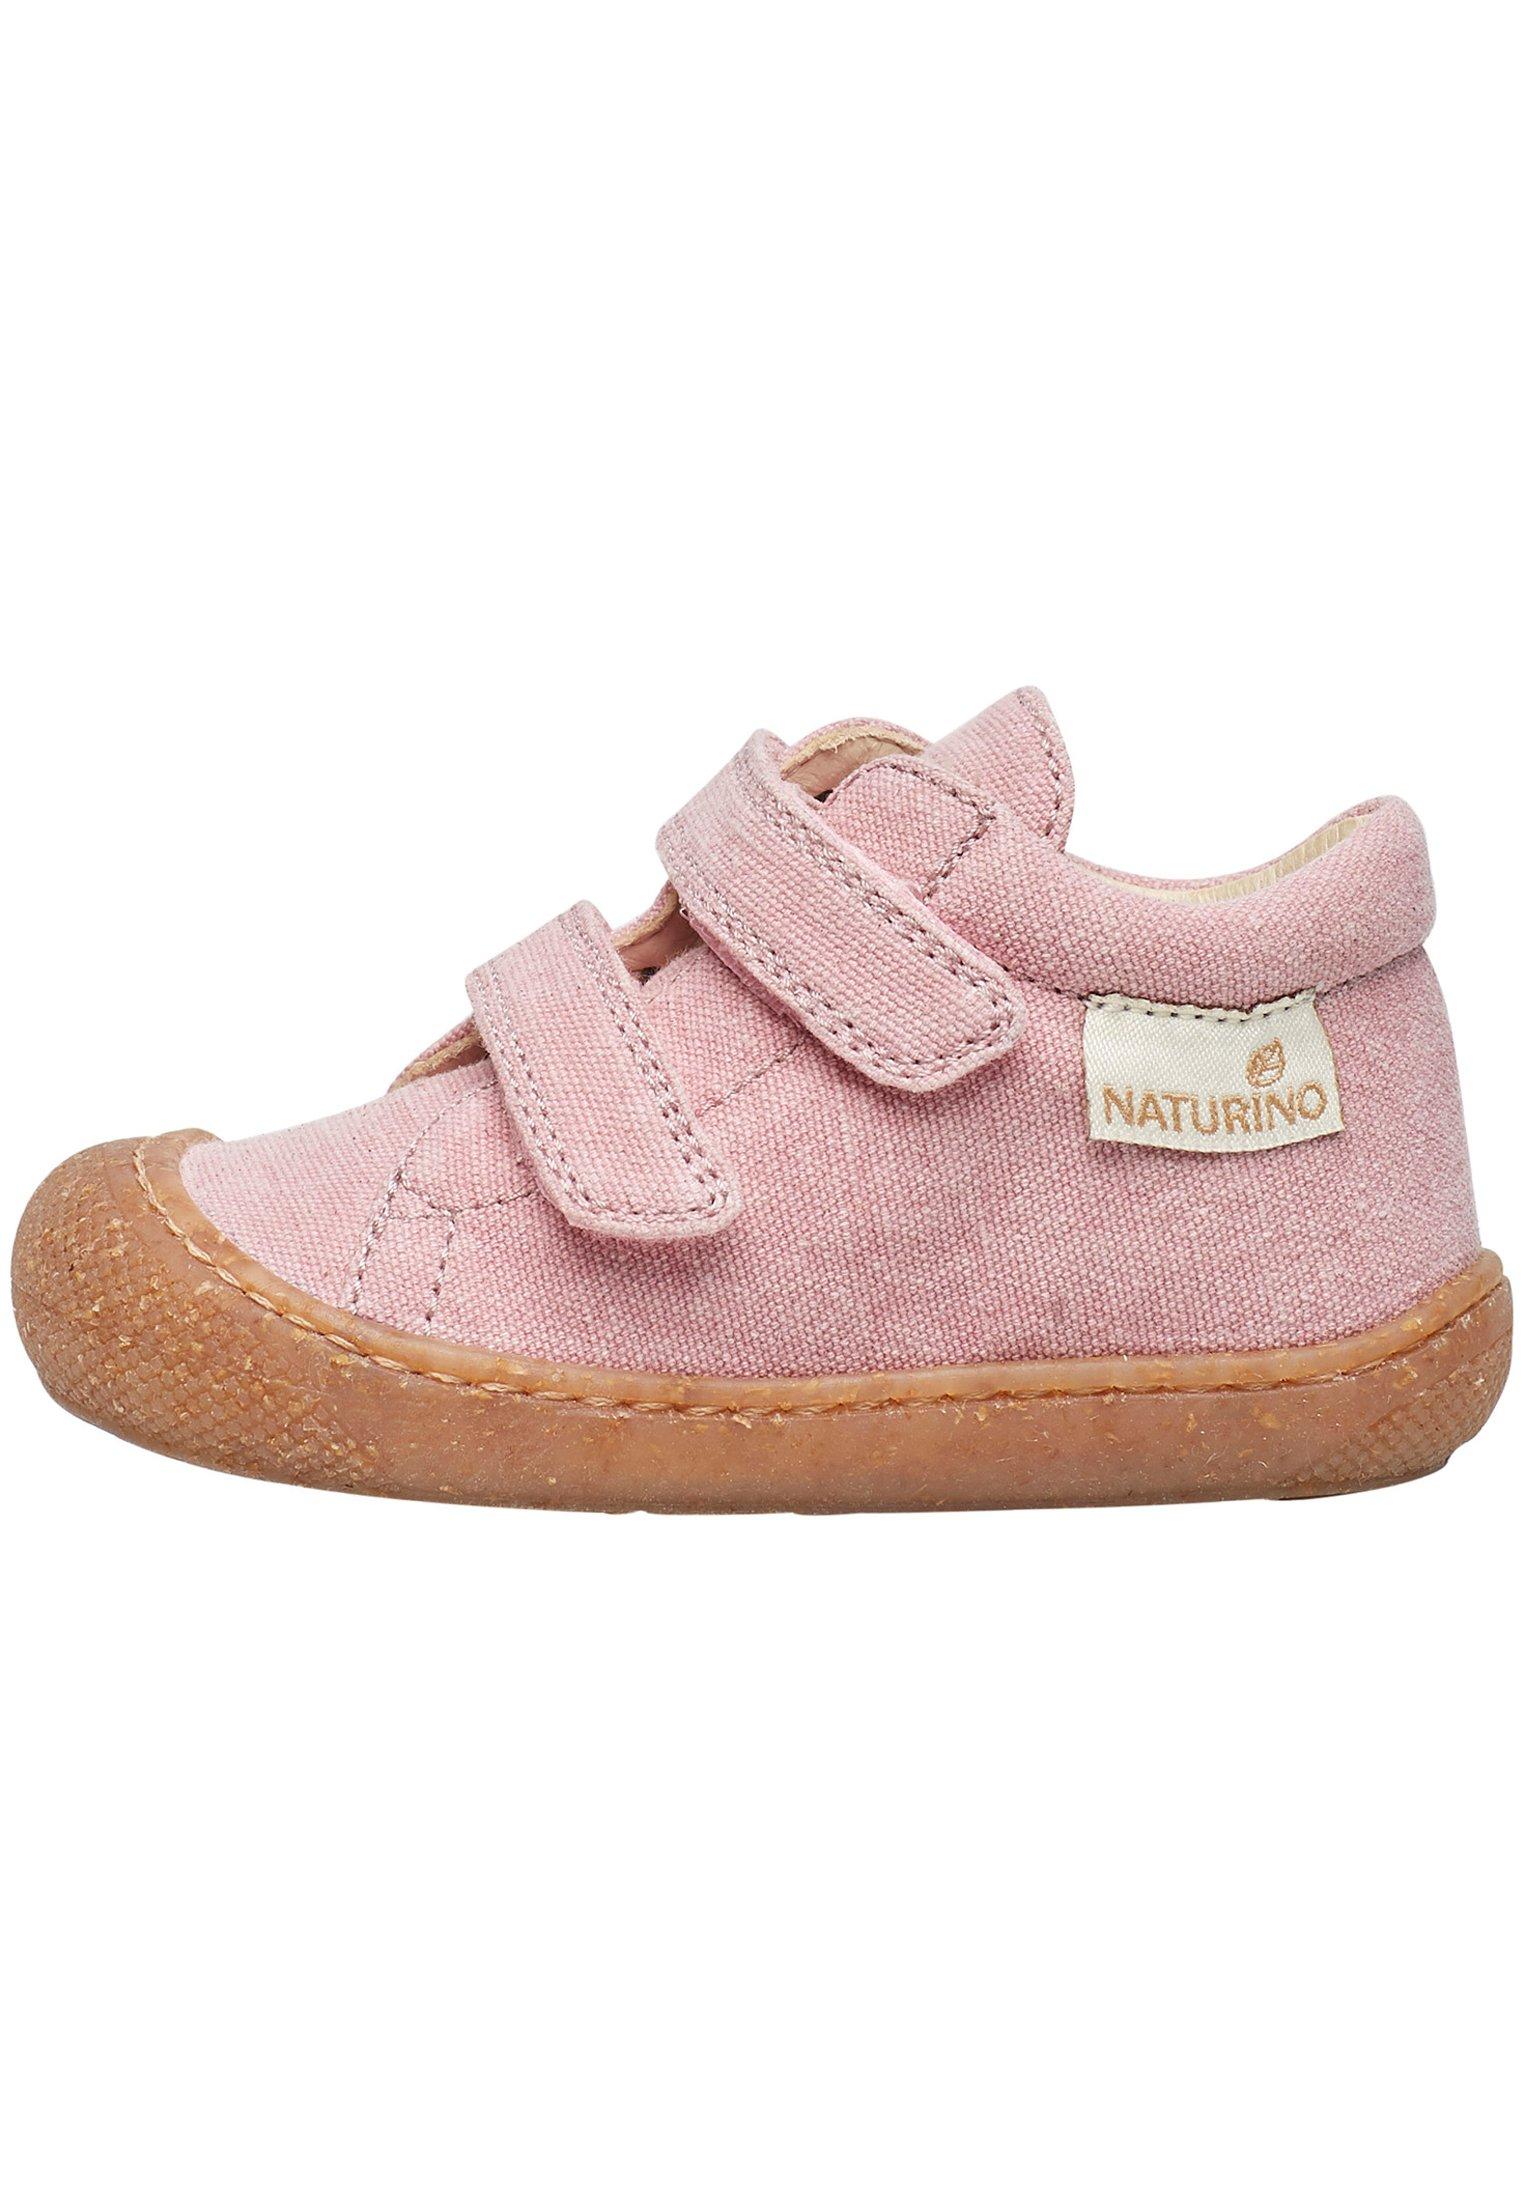 Enfant COCOON VL ORGANIC - Chaussures premiers pas